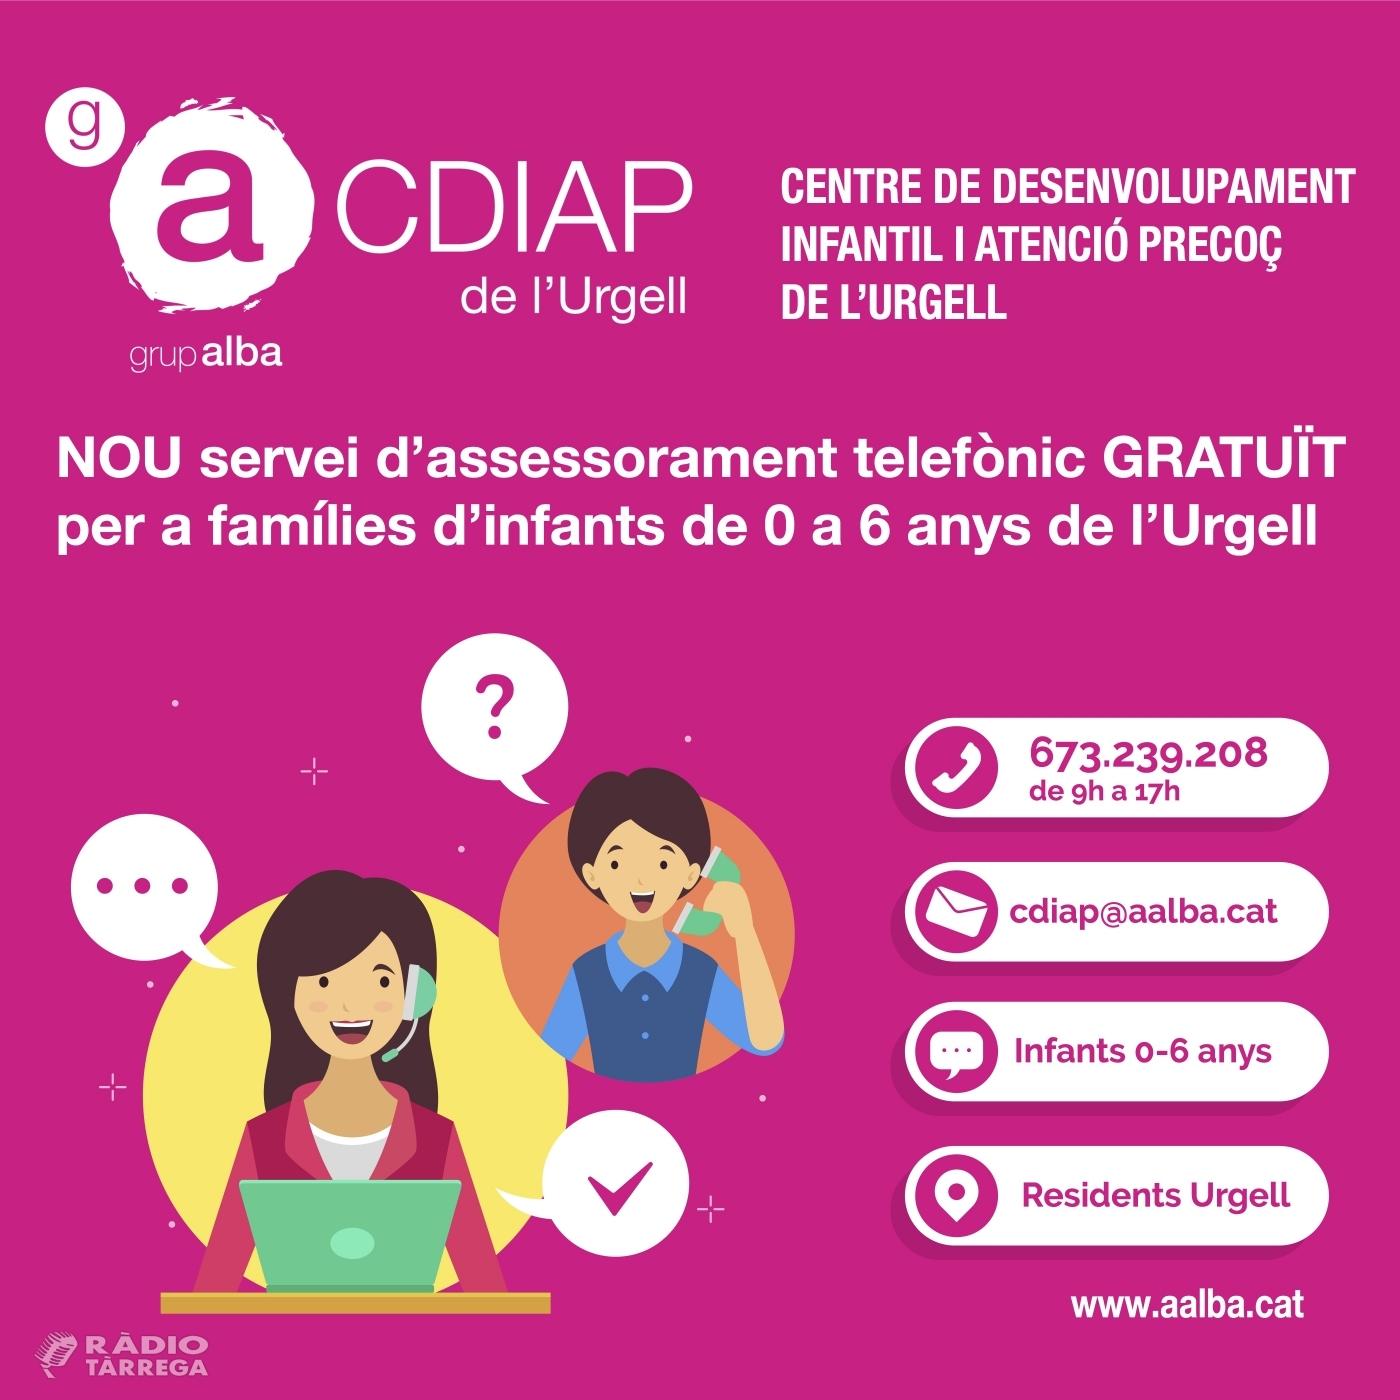 El CDIAP del del Grup Alba ofereix suport telefònic gratuït a les famílies amb infants de 0 a 6 anys de l'Urgell